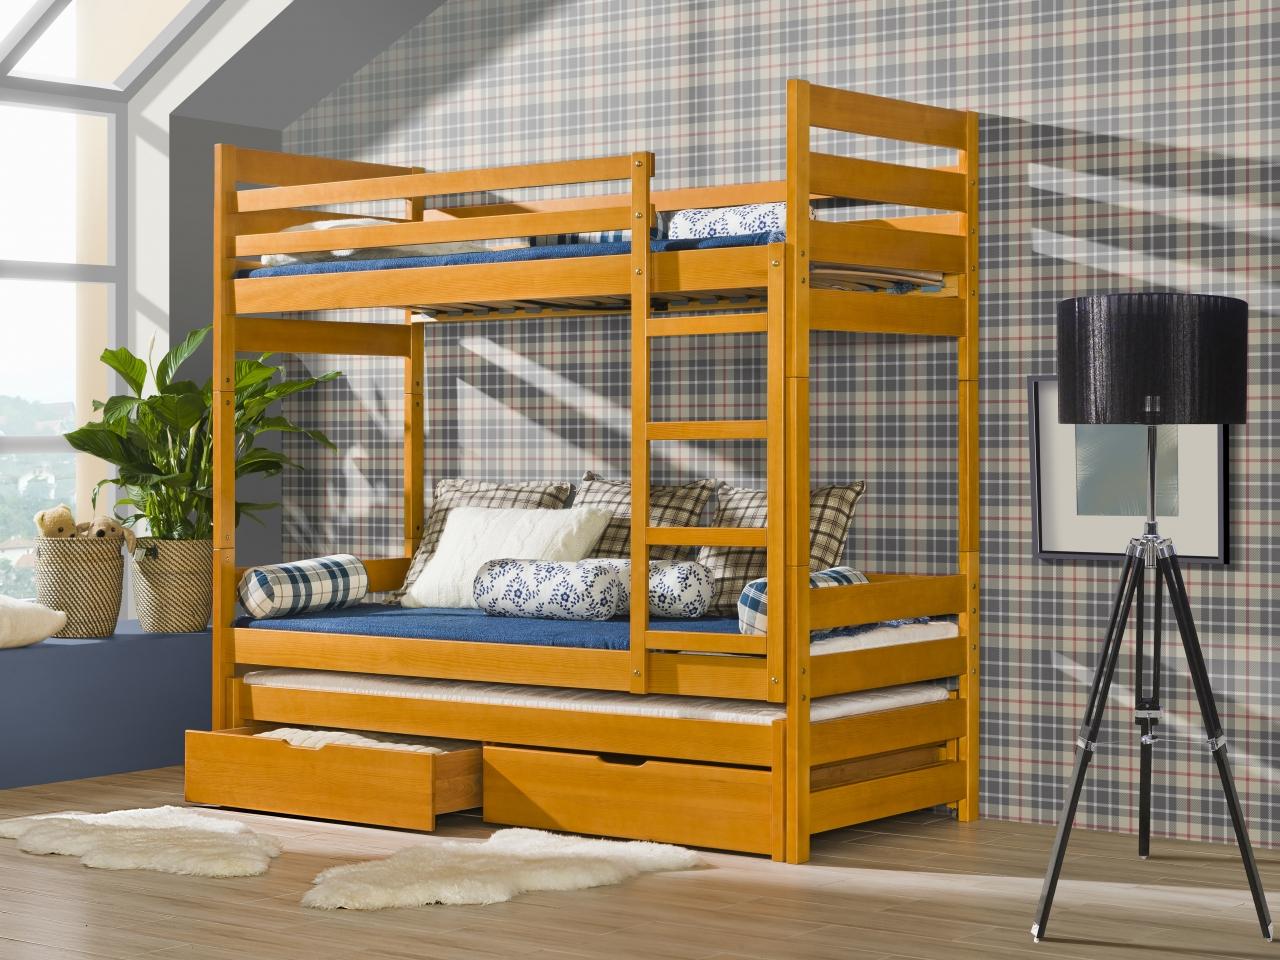 Dolmar Patrová postel Filip Olše, 3 ks matrace (2 ks hlavní + 1 ks přistýlka), se zábrankou, žebřík na pravé straně